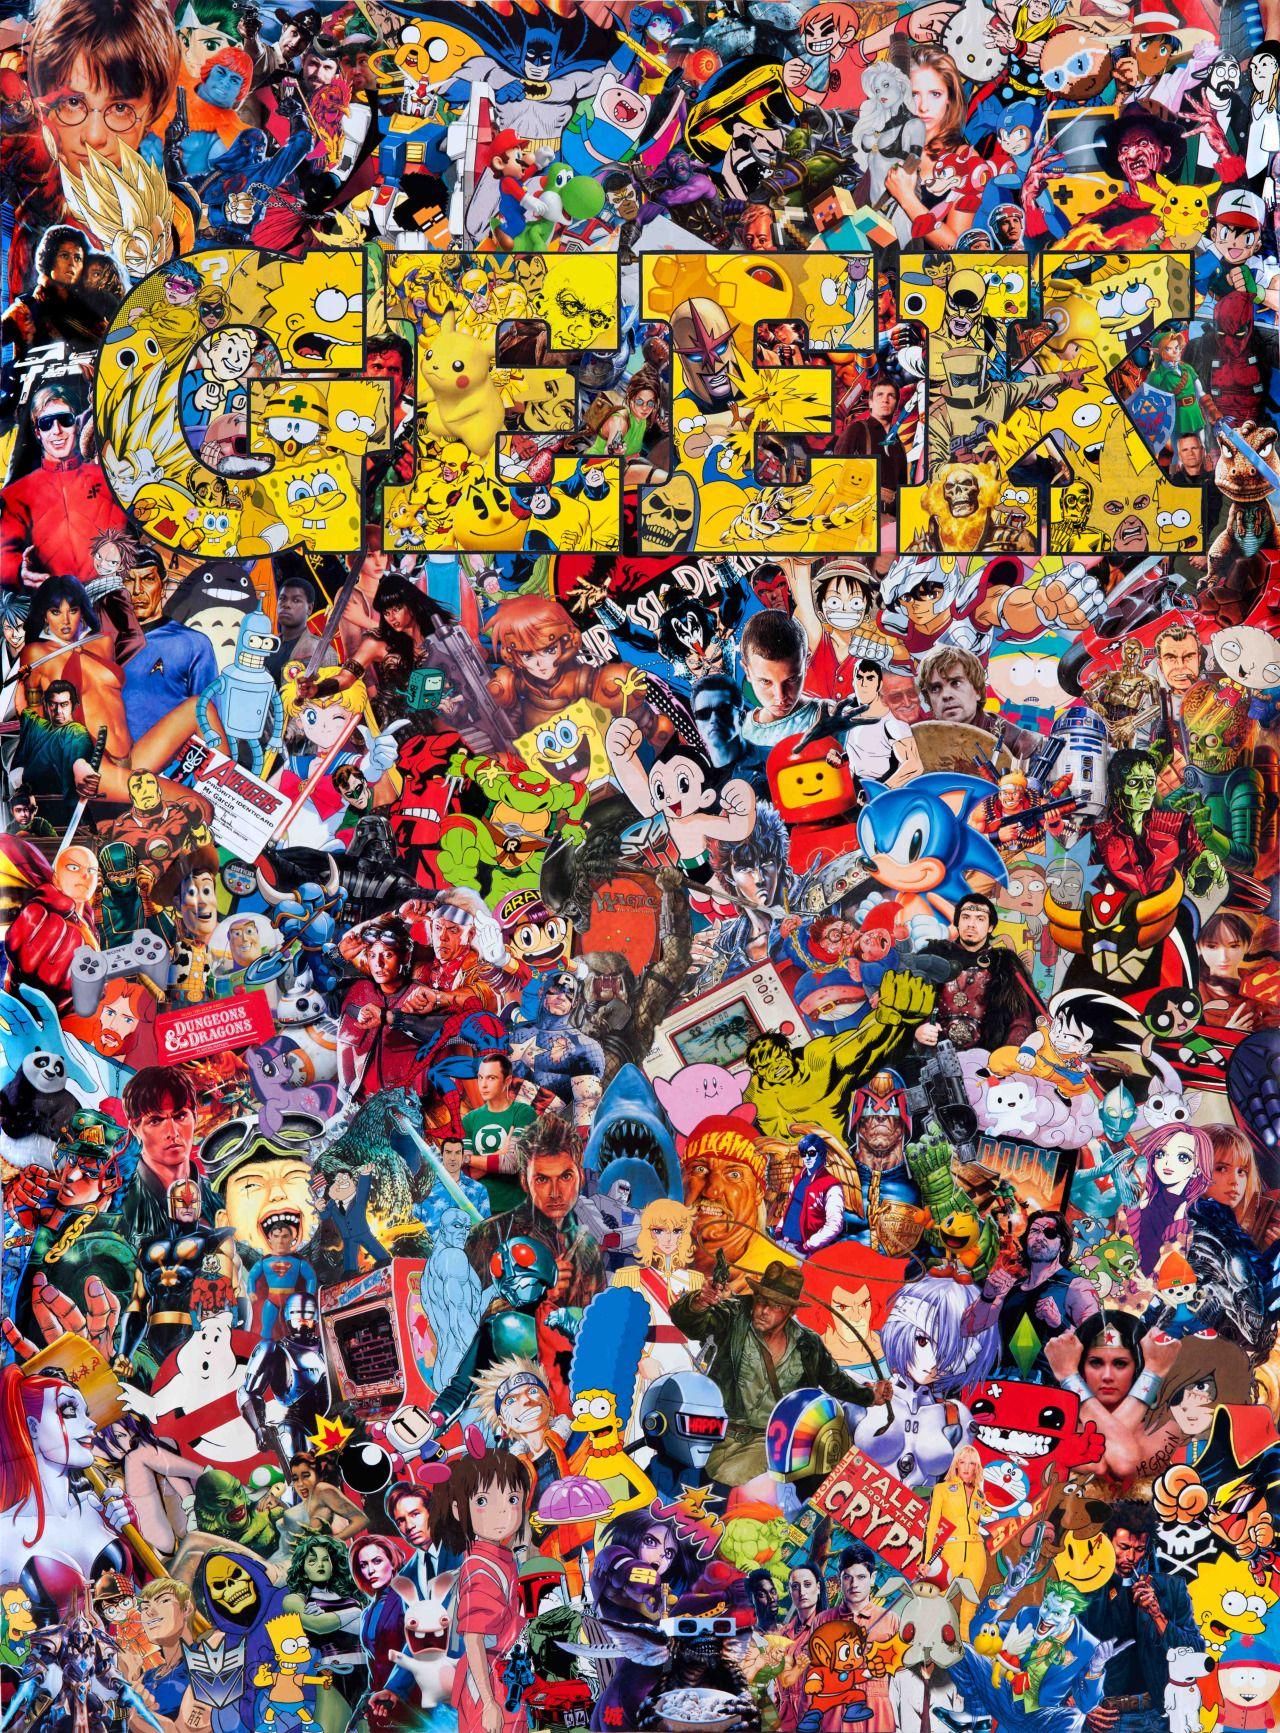 Batman head by mr garcin in 2019 geek - Nerd wallpaper for walls ...